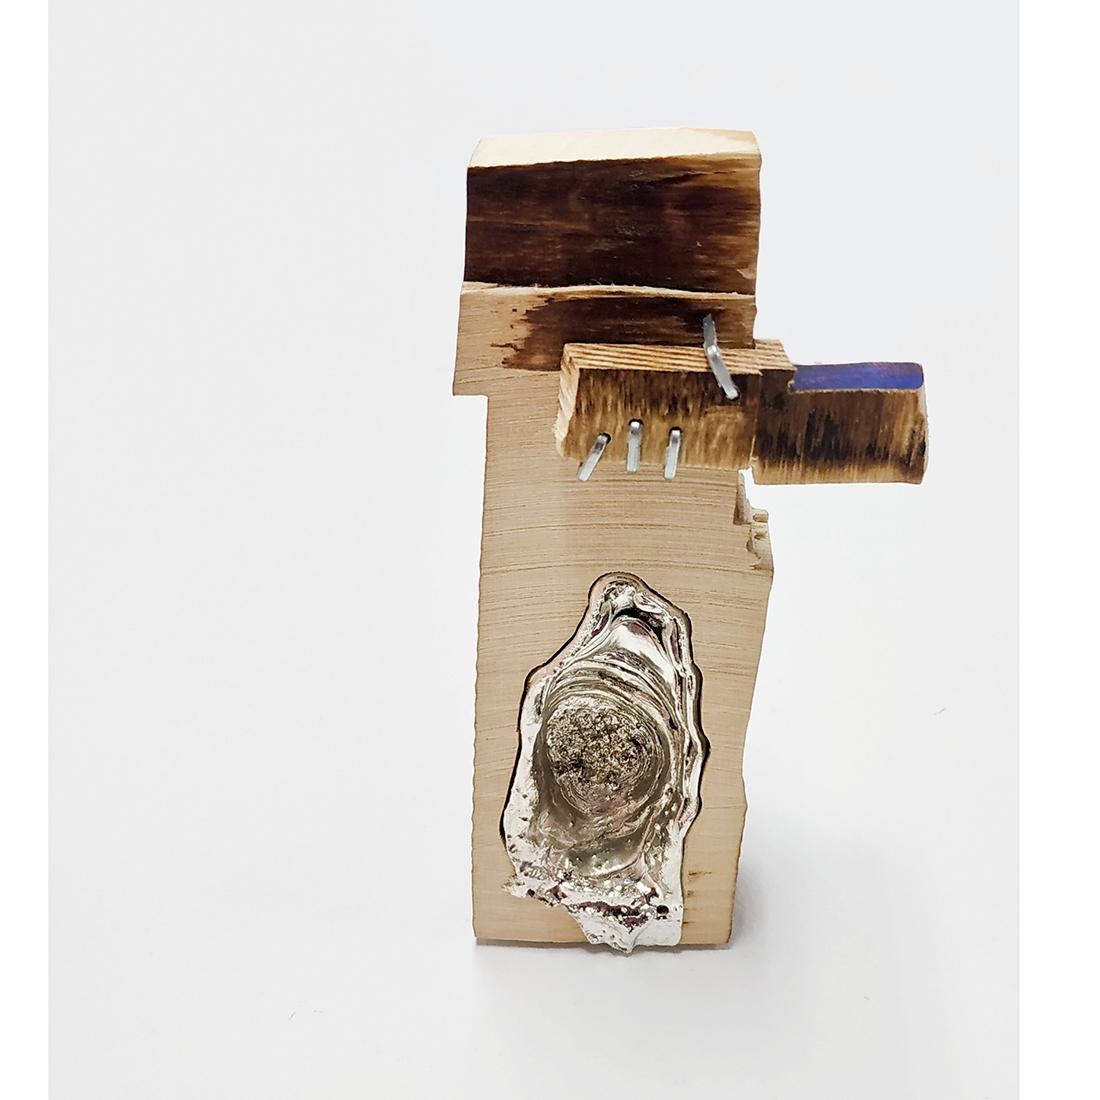 galerie-door-taehee-in-2018-object